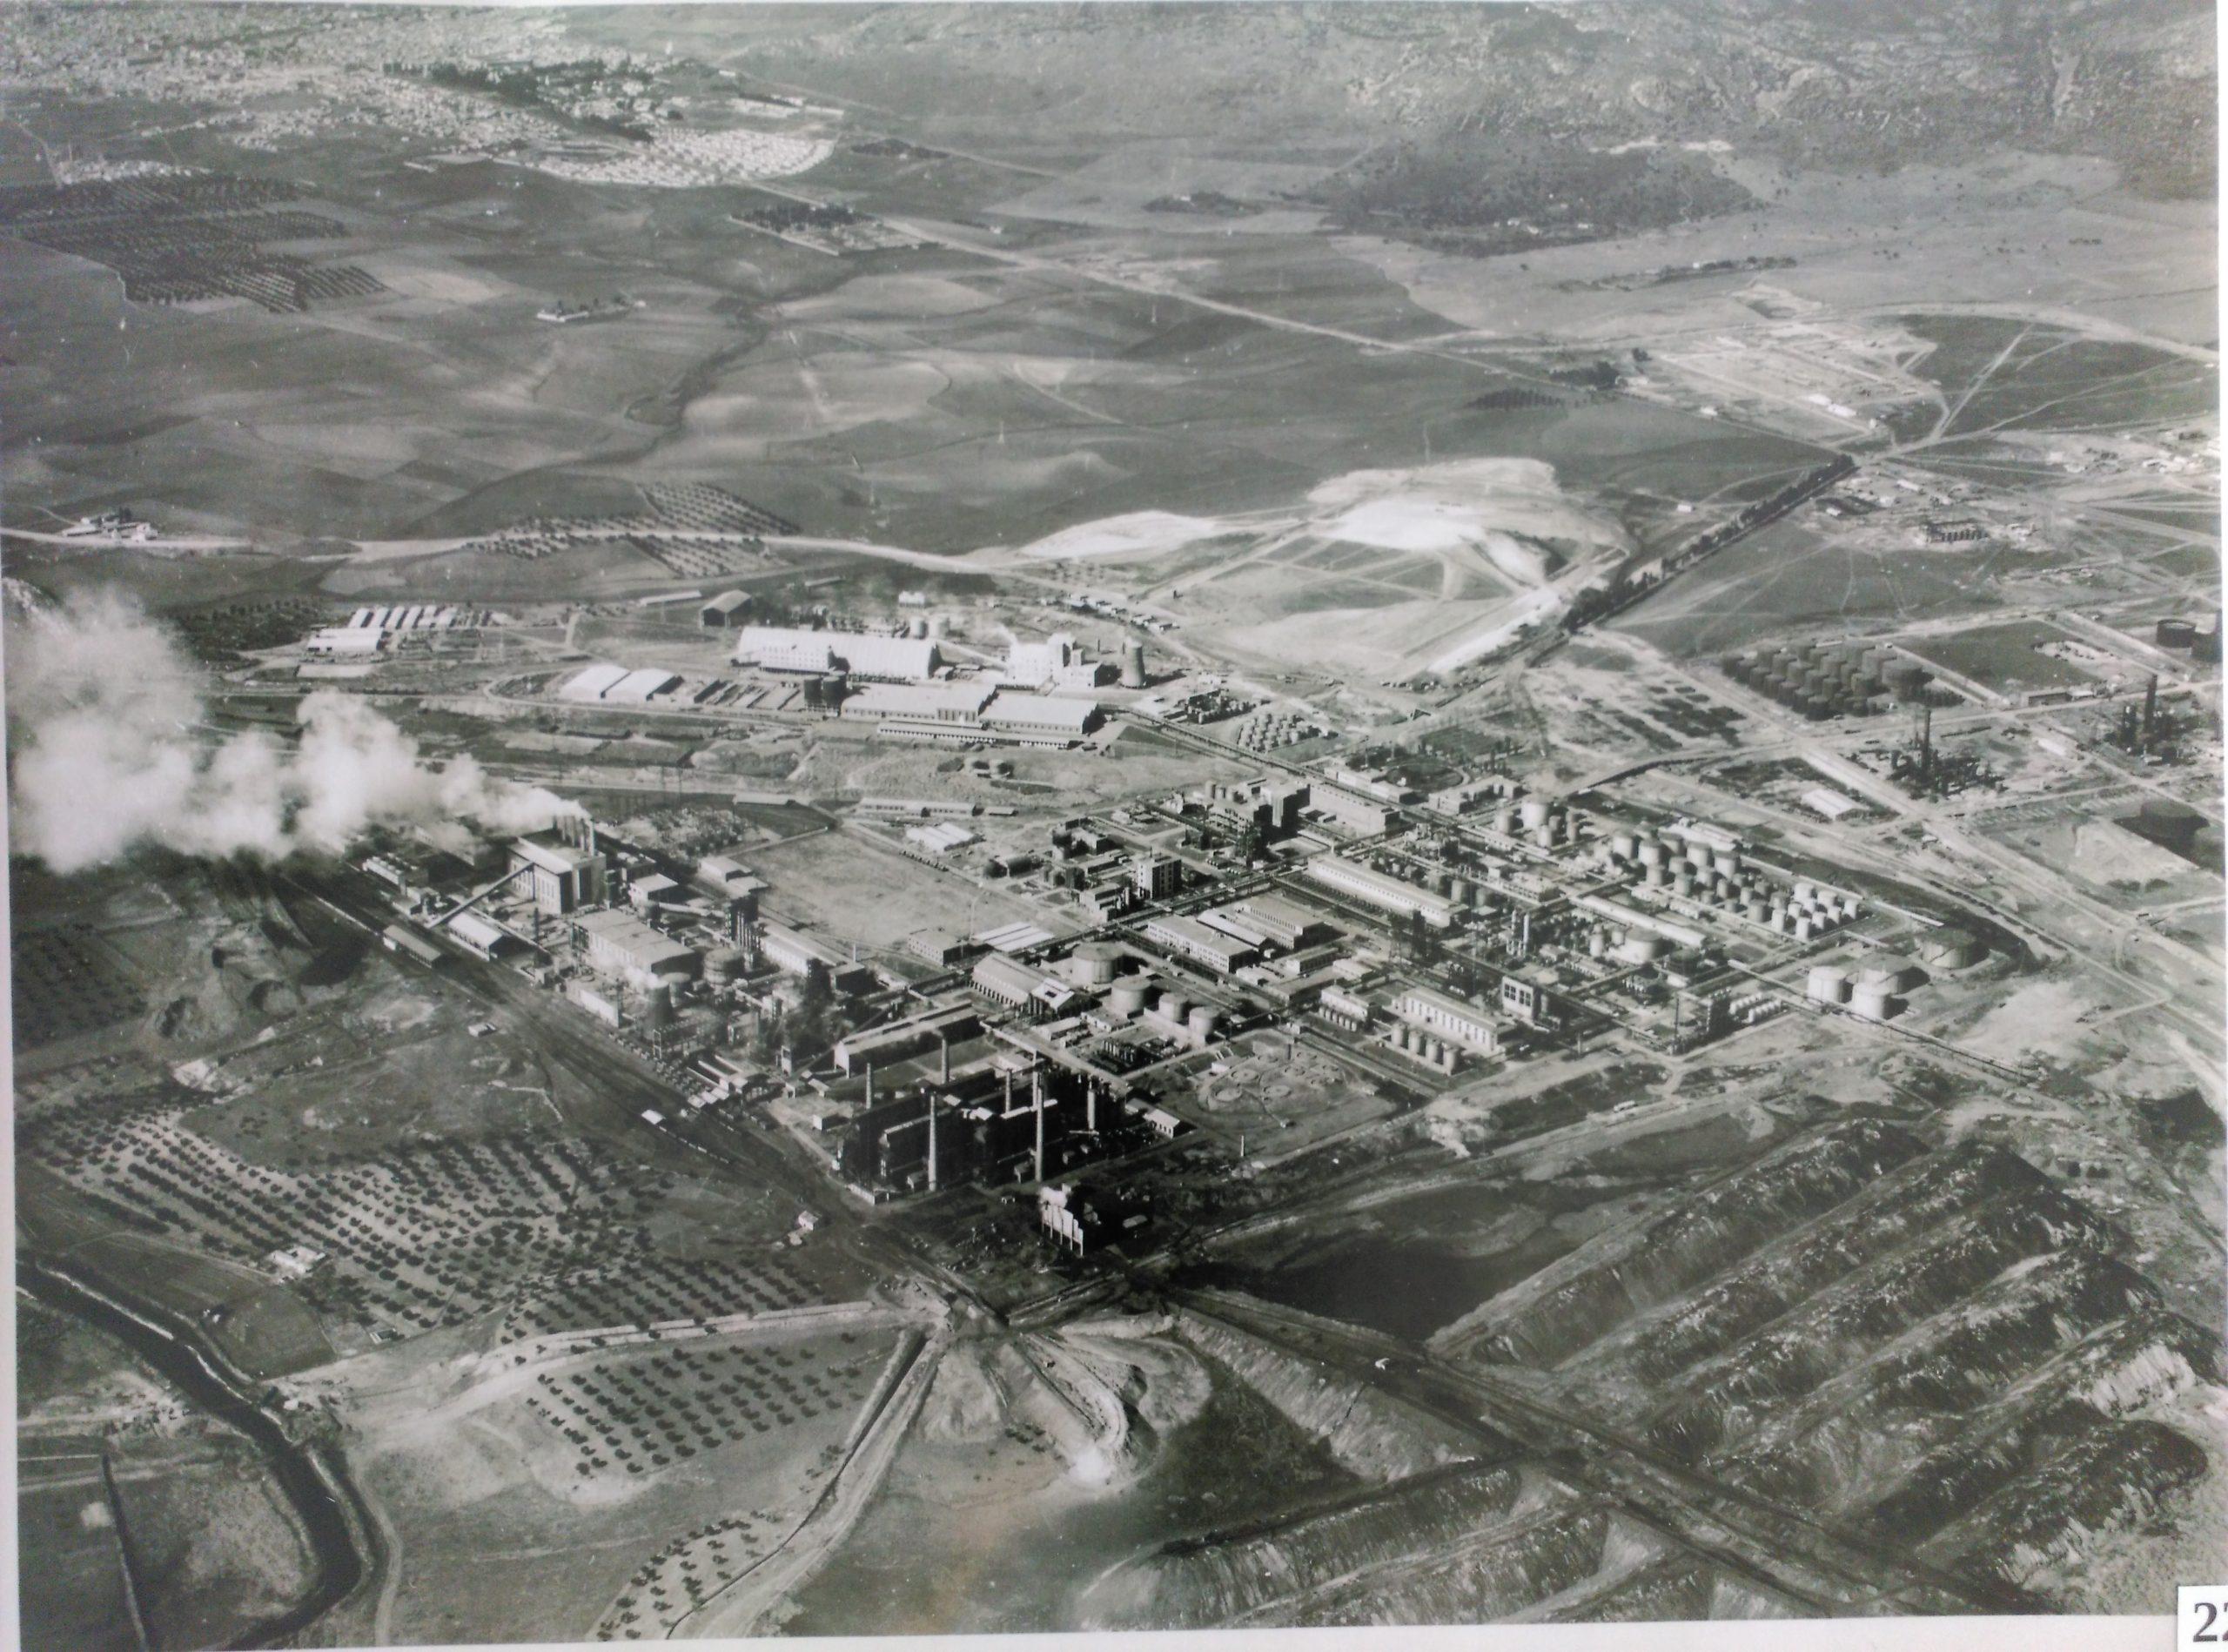 Vista aérea del Complejo Industrial Calvo Sotelo